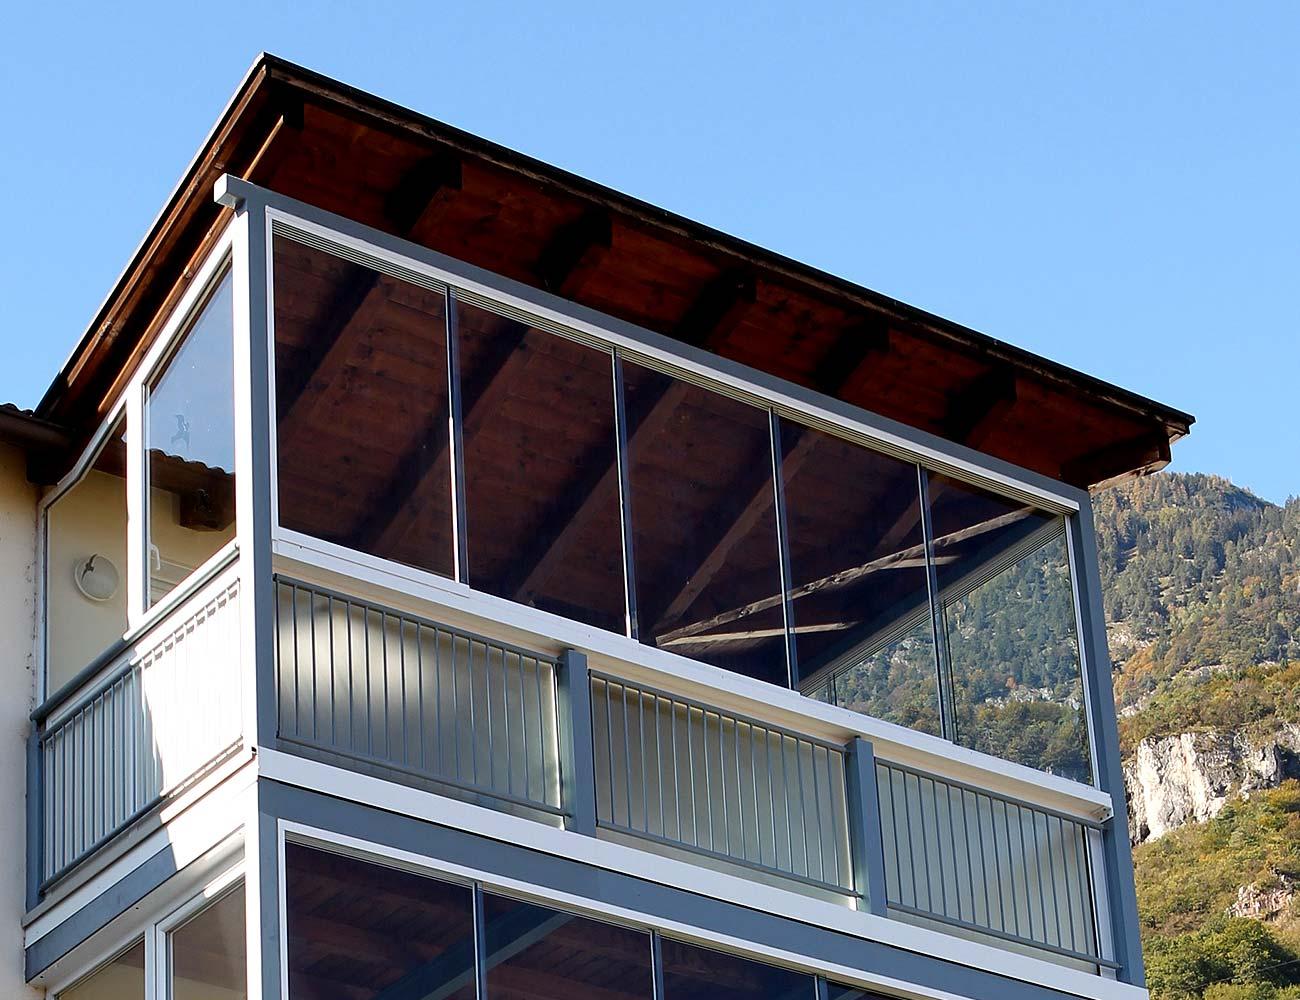 ebiasi-sitzplatzverglasung-balkonverglasung-7